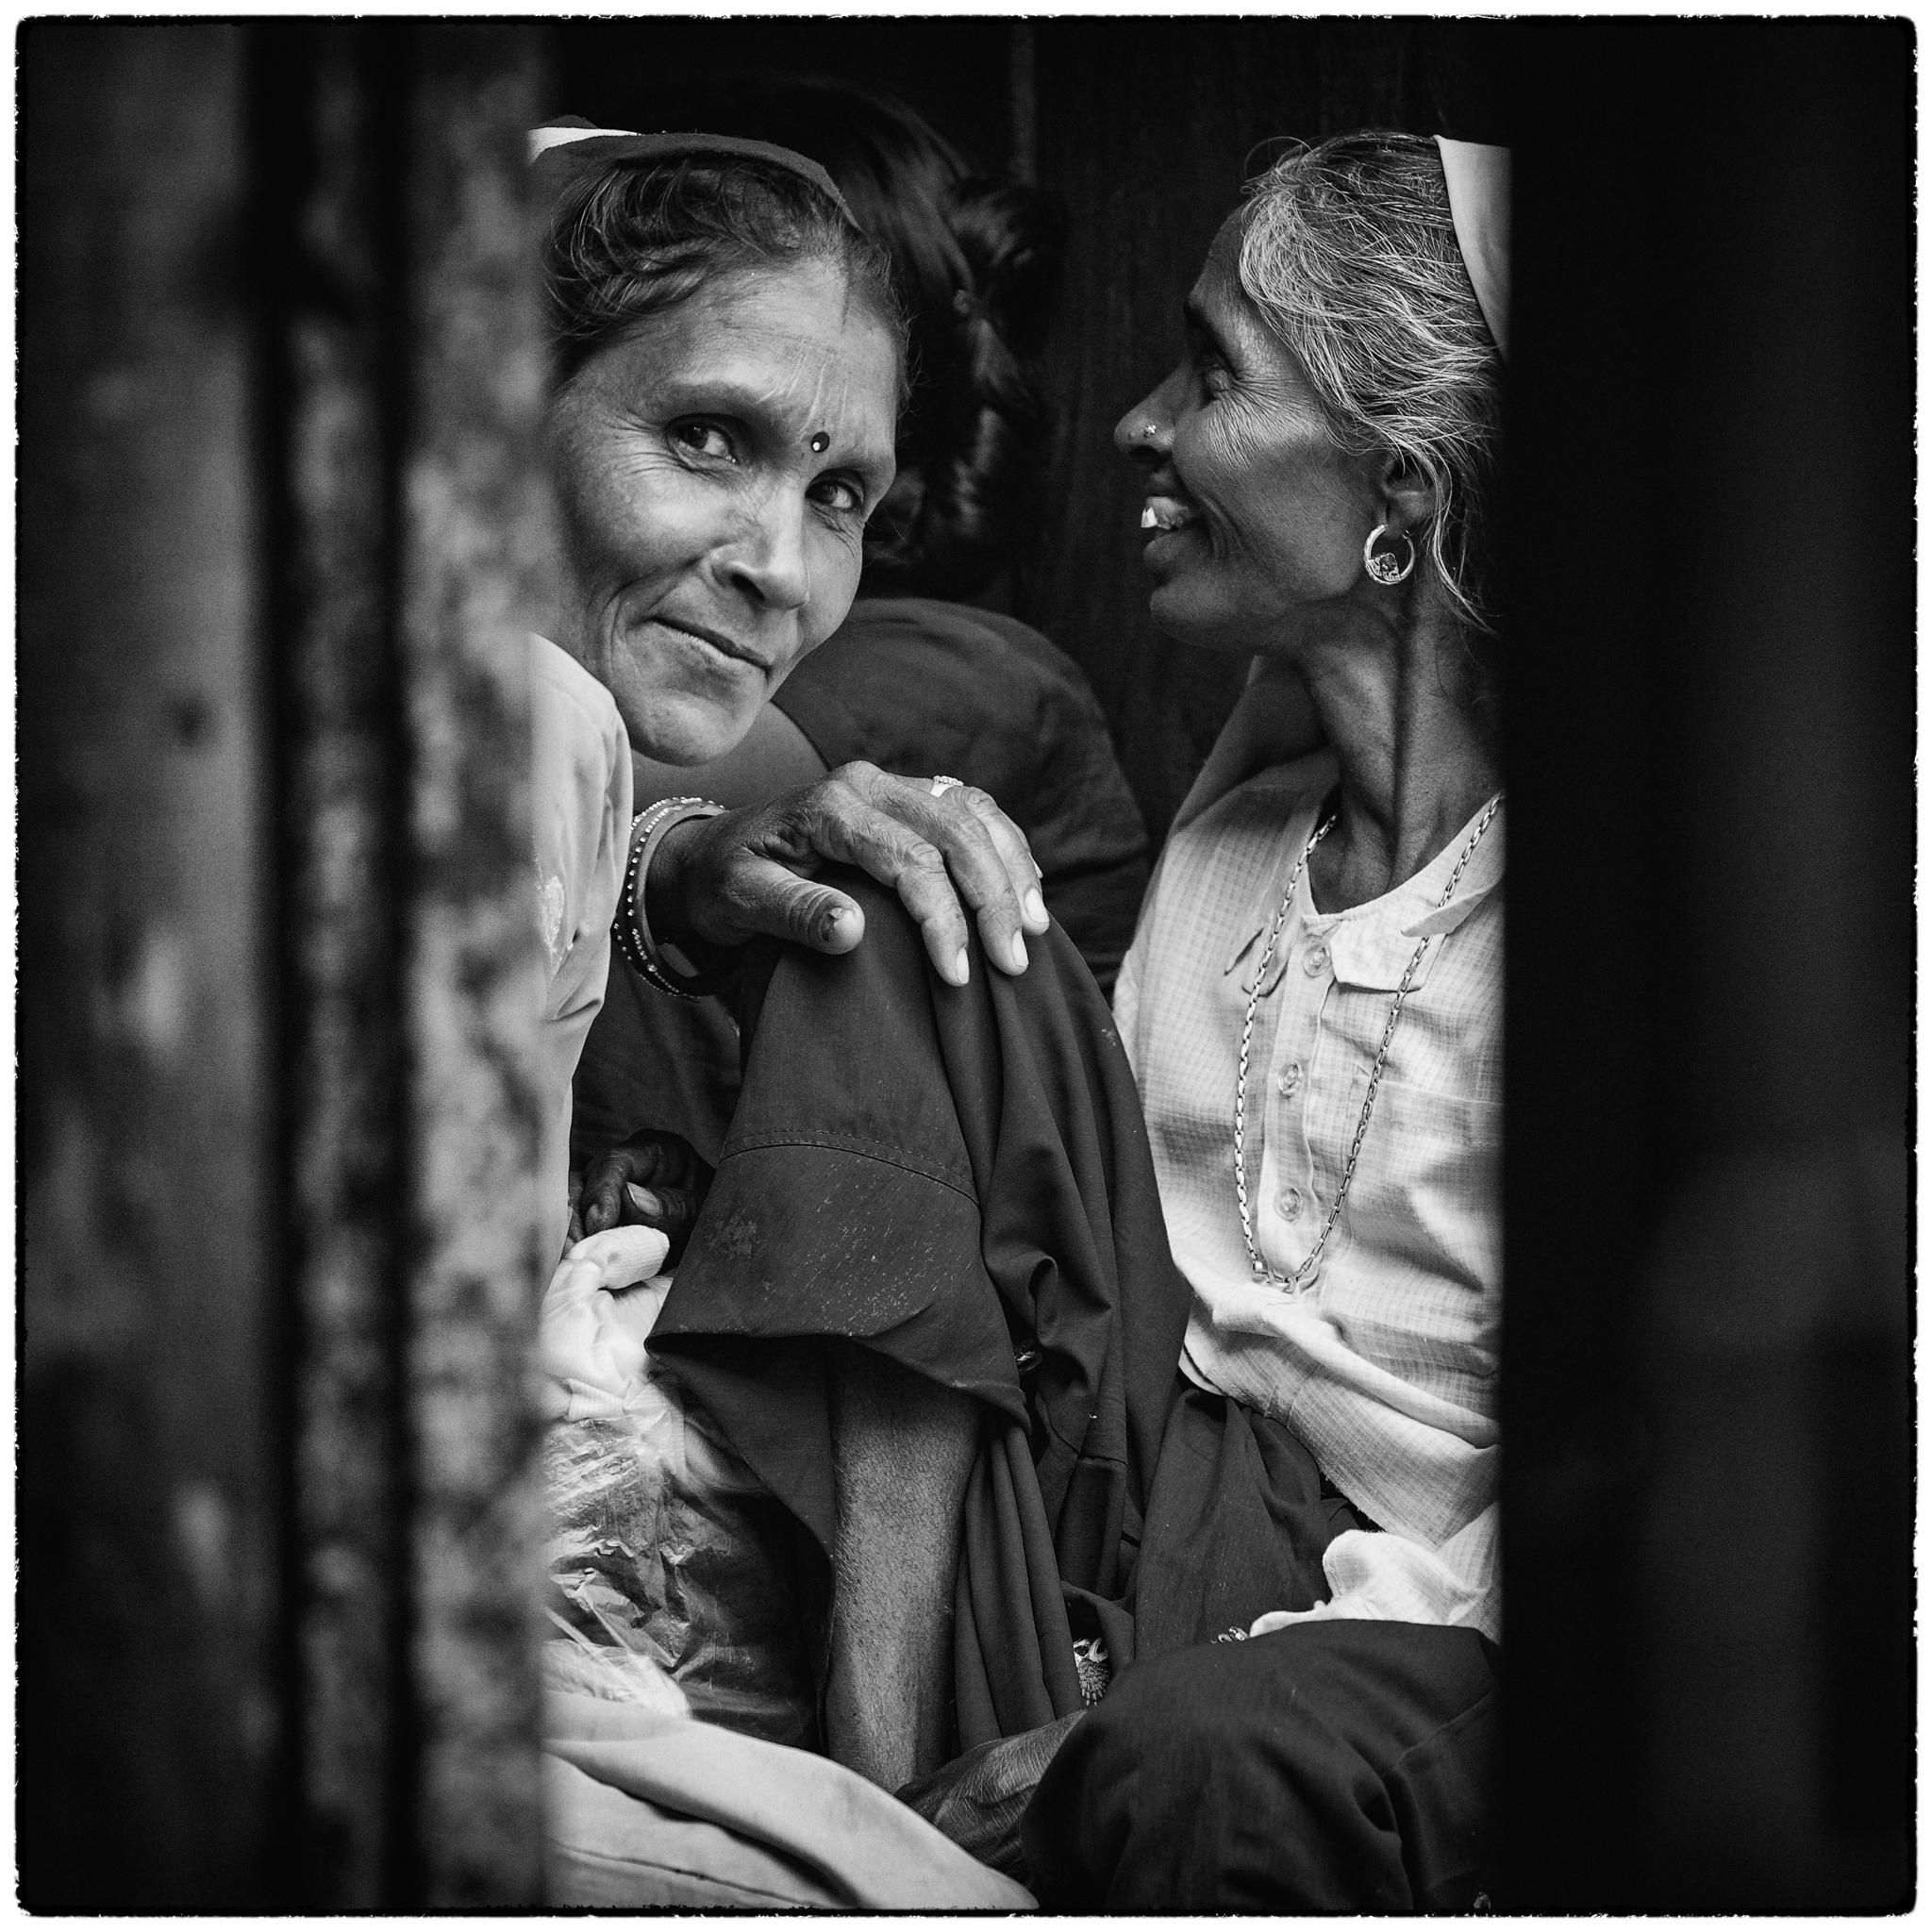 In the Doorway by Stilfoto